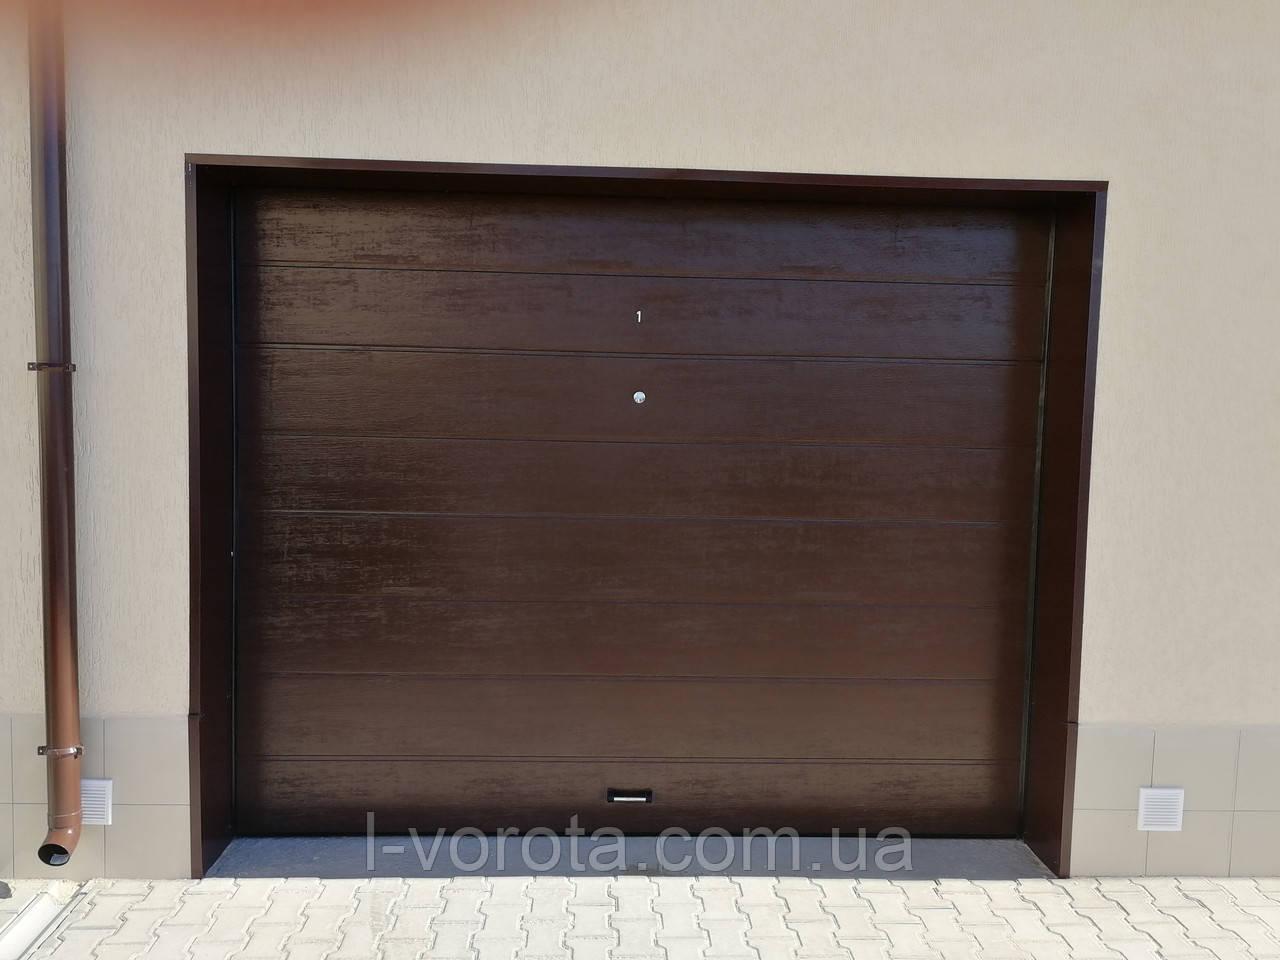 Автоматические гаражные ворота DoorHan 2400мм на 2100мм (цвет коричневый)